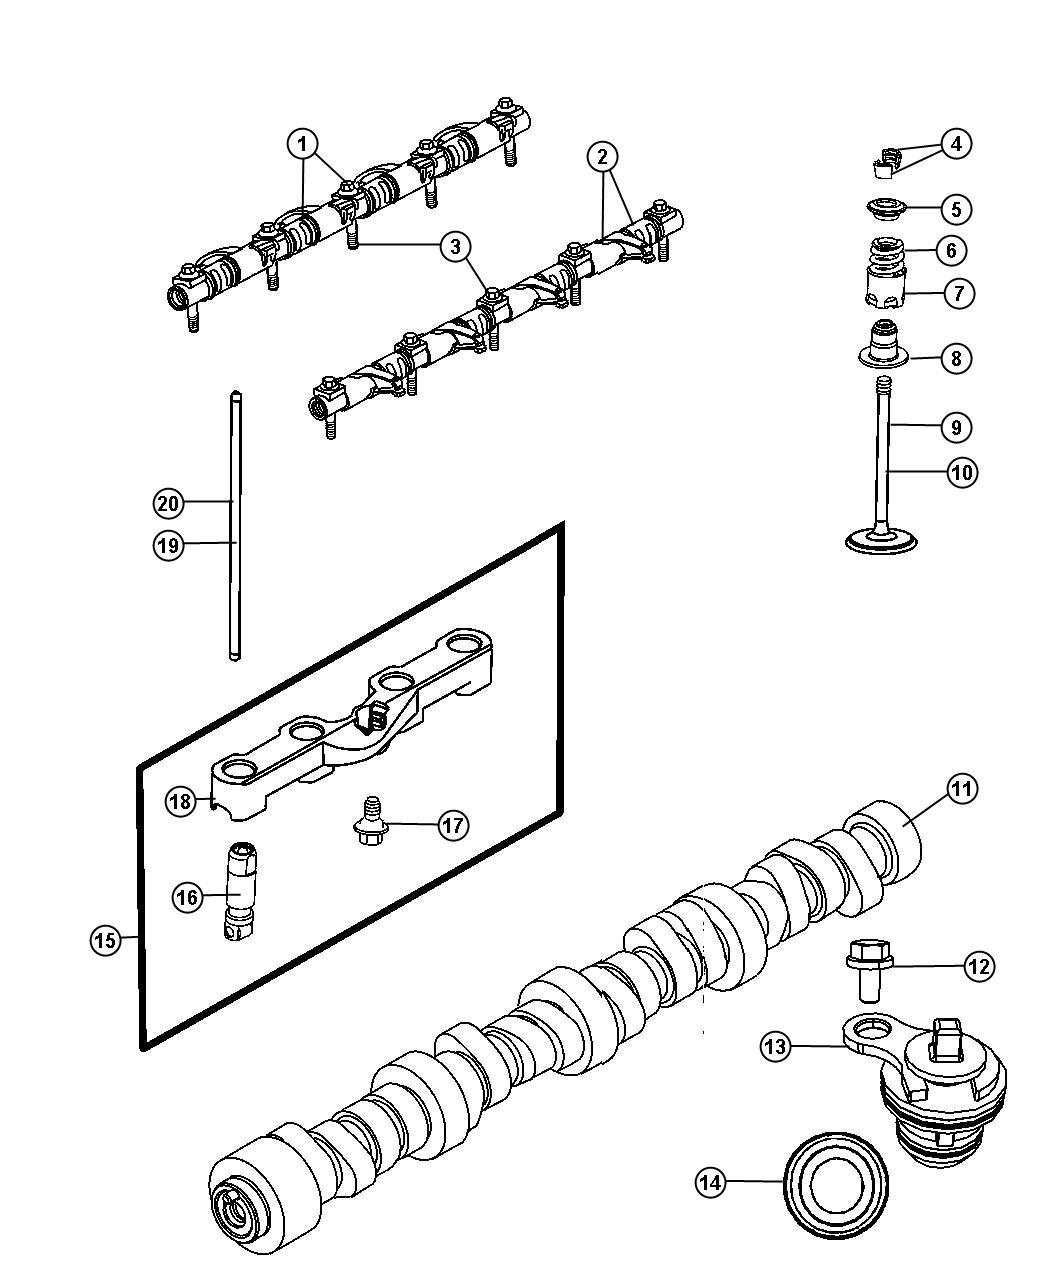 Chrysler 300 Camshaft Engine Esf